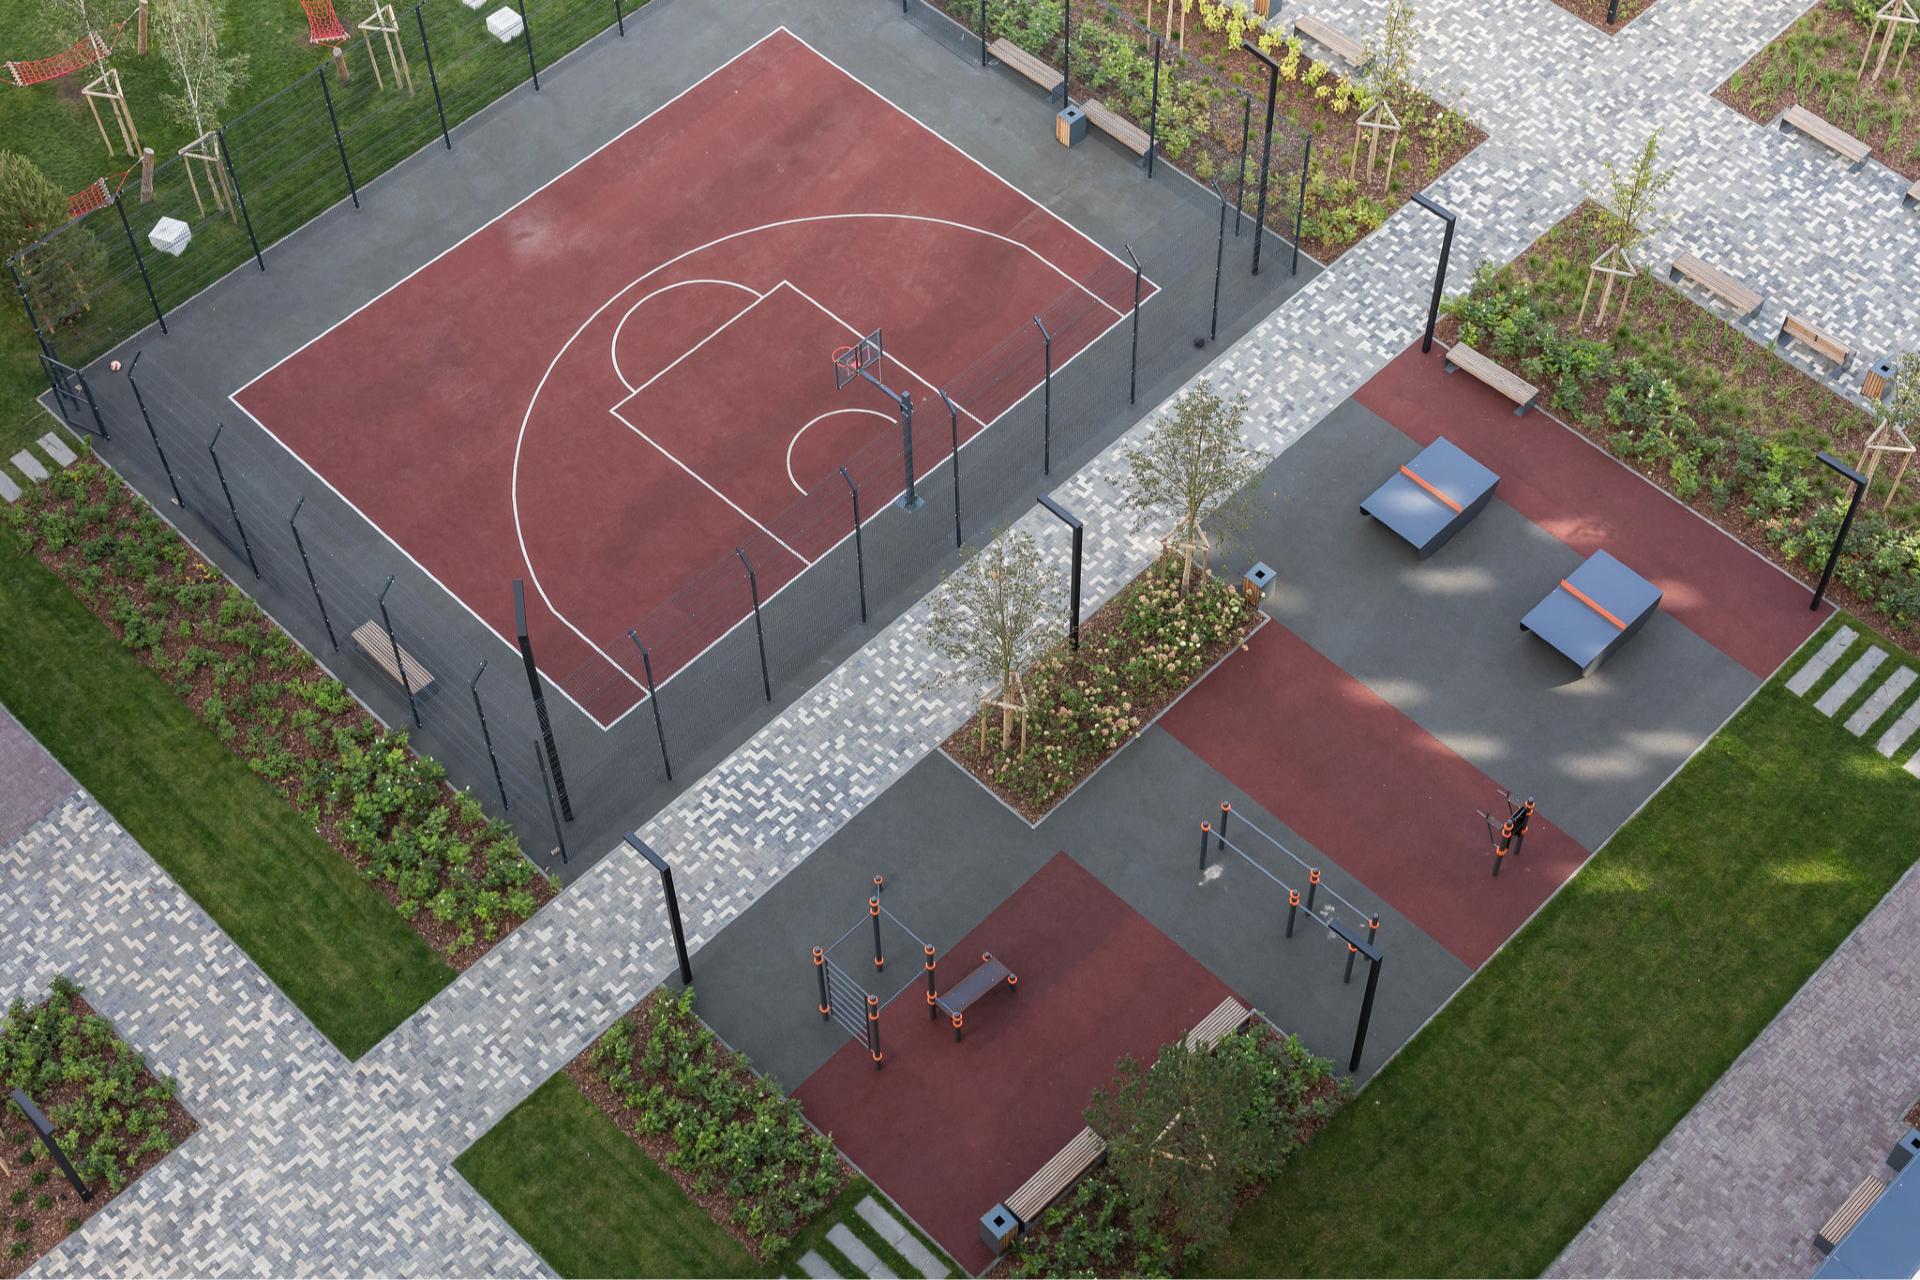 Многие девелоперы проектируют пространства для физической активности между кварталами